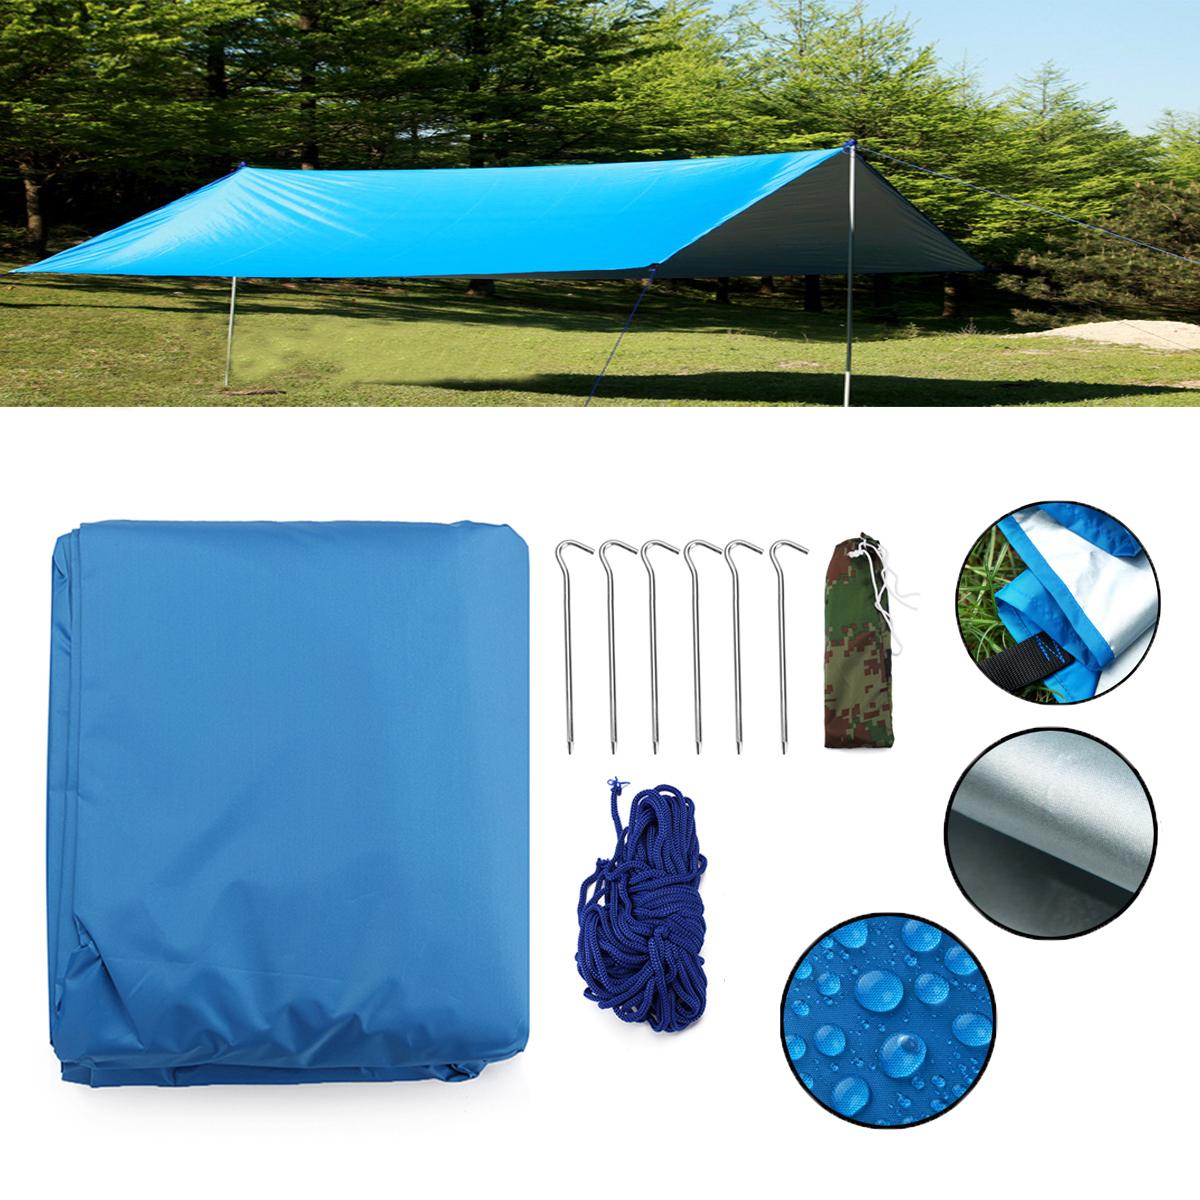 НаоткрытомвоздухеКемпингВодонепроницаемыНавес навеса брезента Пляжный Крышка для палатки Укрытие от солнца